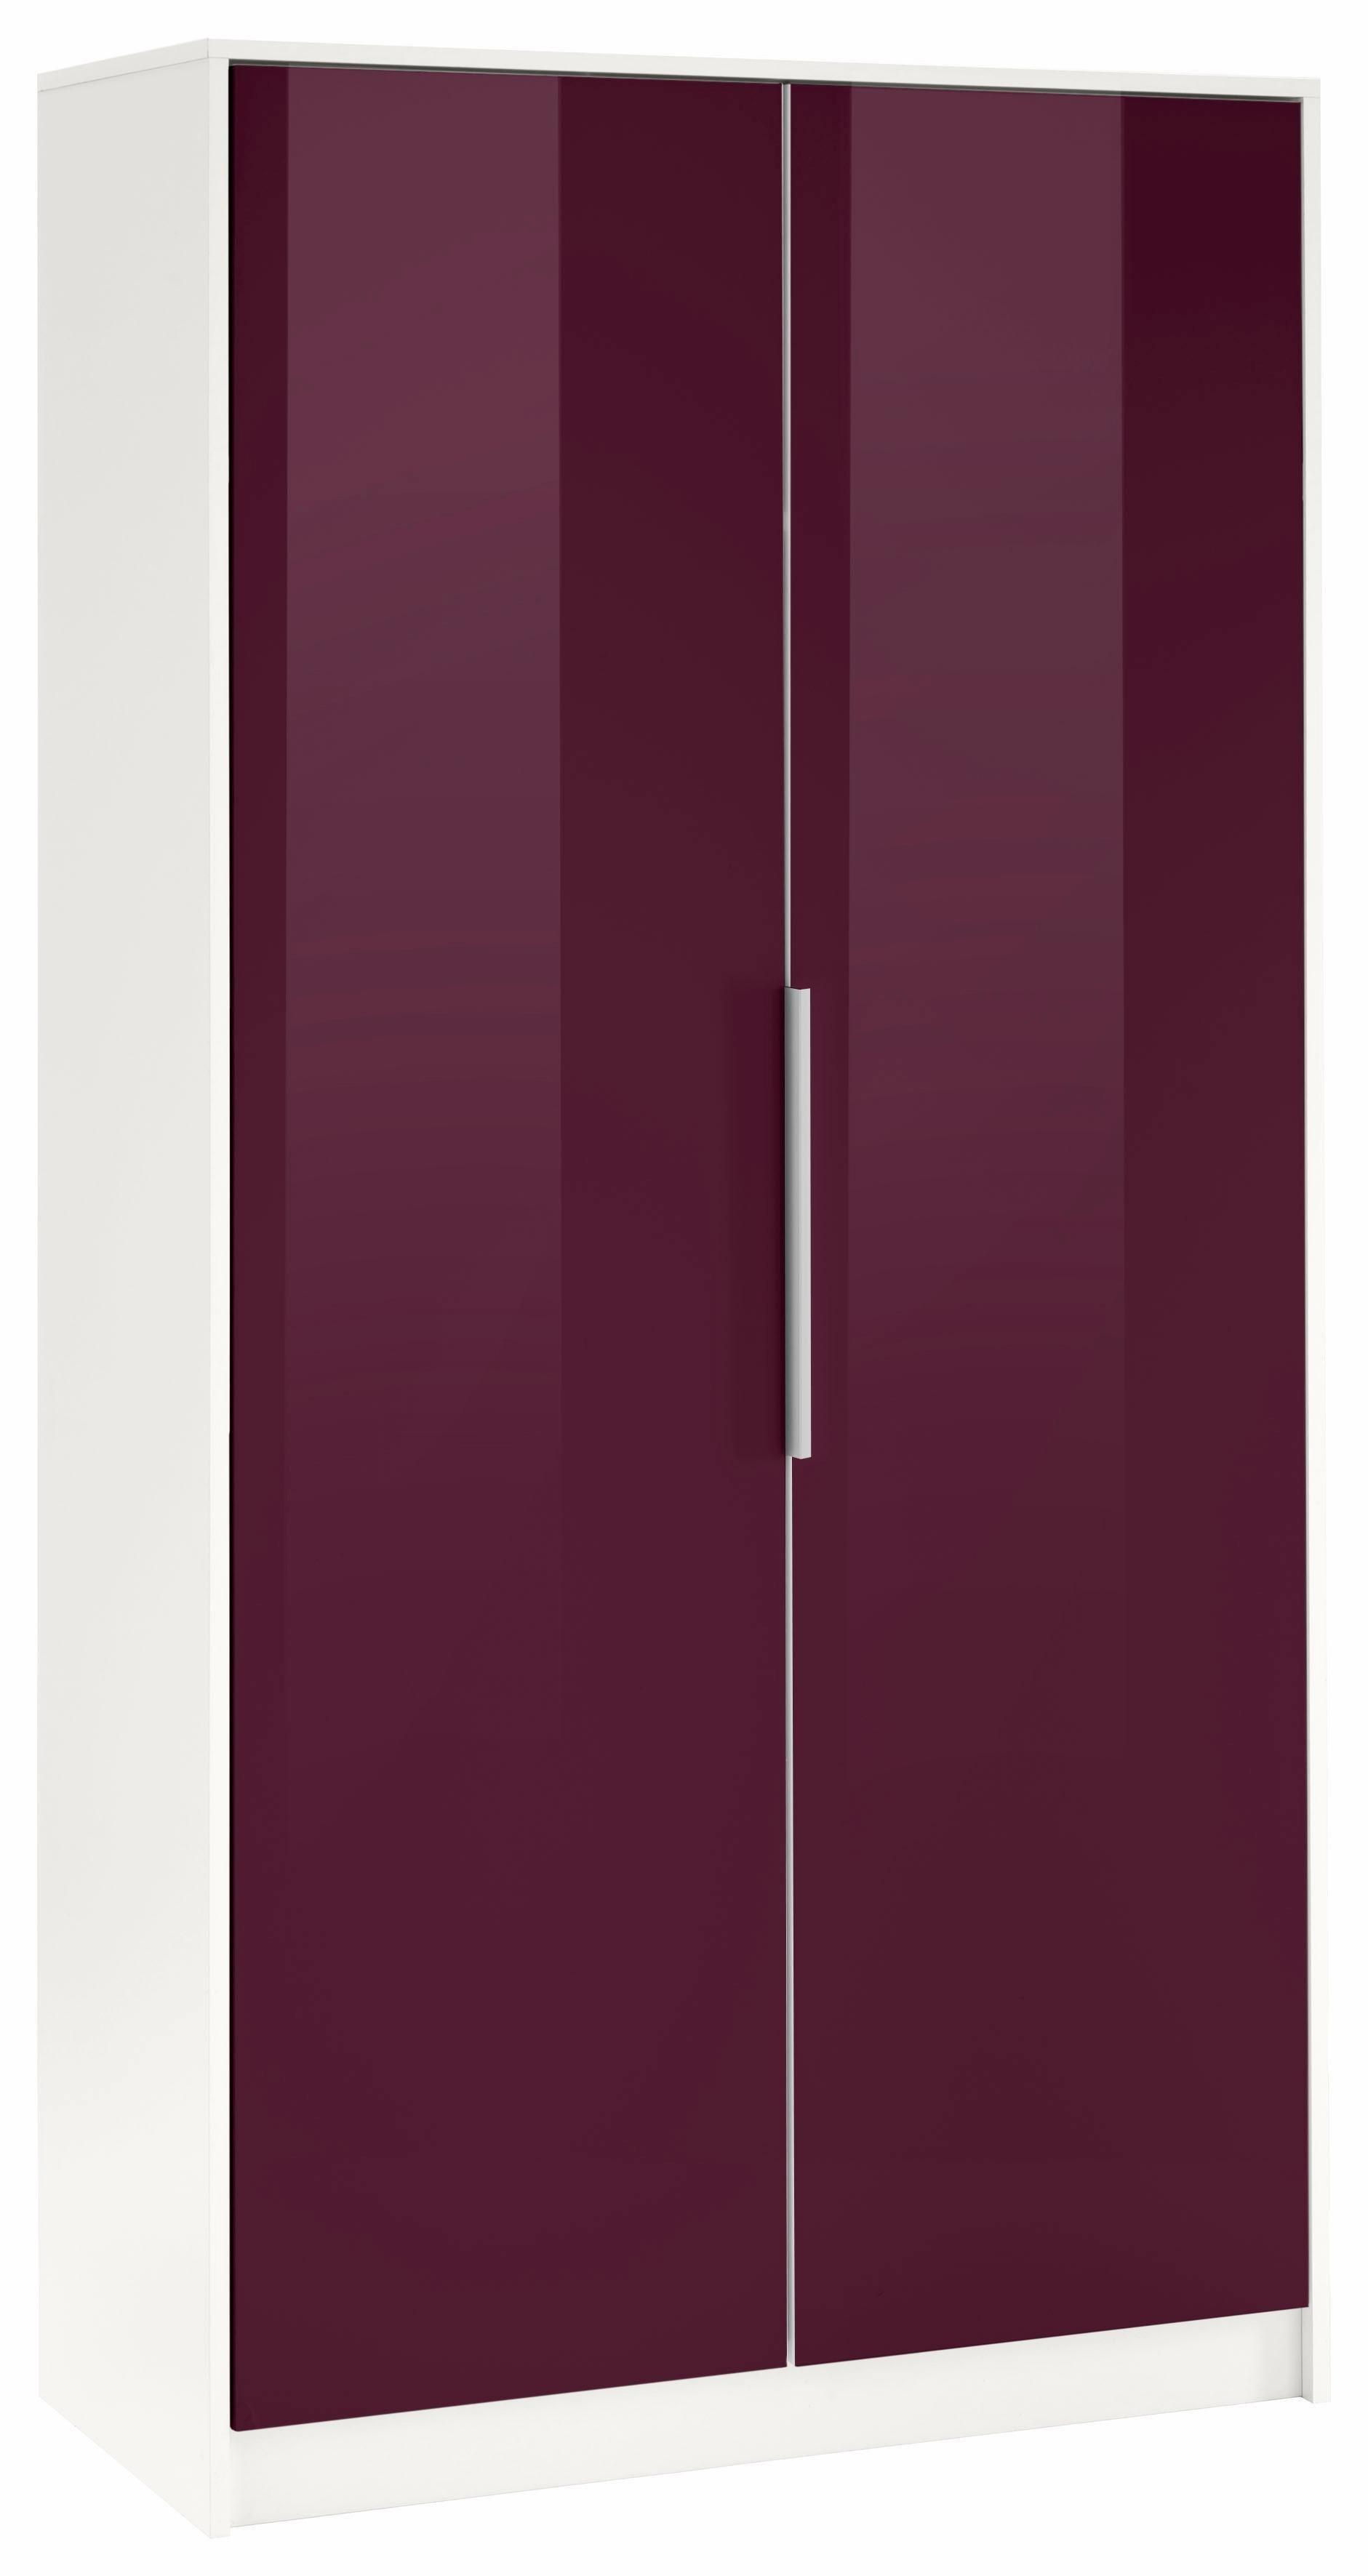 Borchardt Möbel Garderobenschrank »Oliva« mit Metallgriffen | Flur & Diele > Garderoben > Garderobenschränke | Weiß - Schwarz - Glanz | Melamin | borchardt Möbel